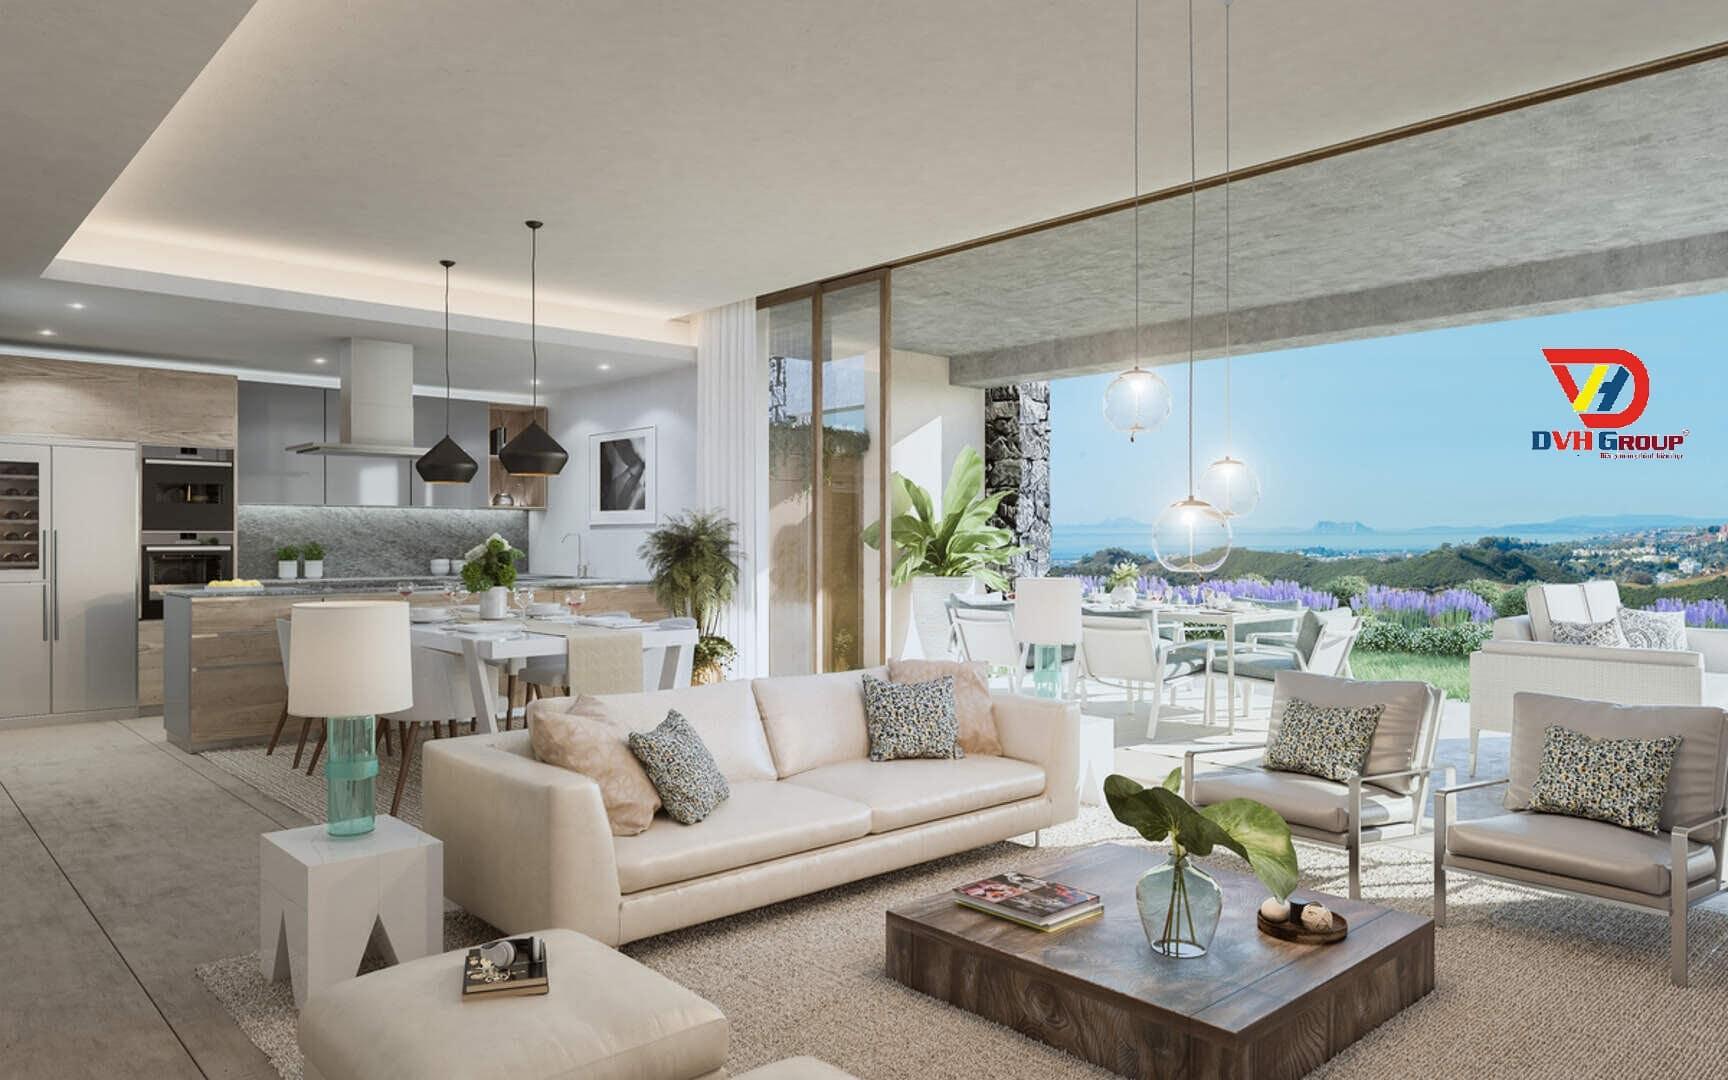 Thiết kế nội thất căn hộ chung cư tại Long Thành